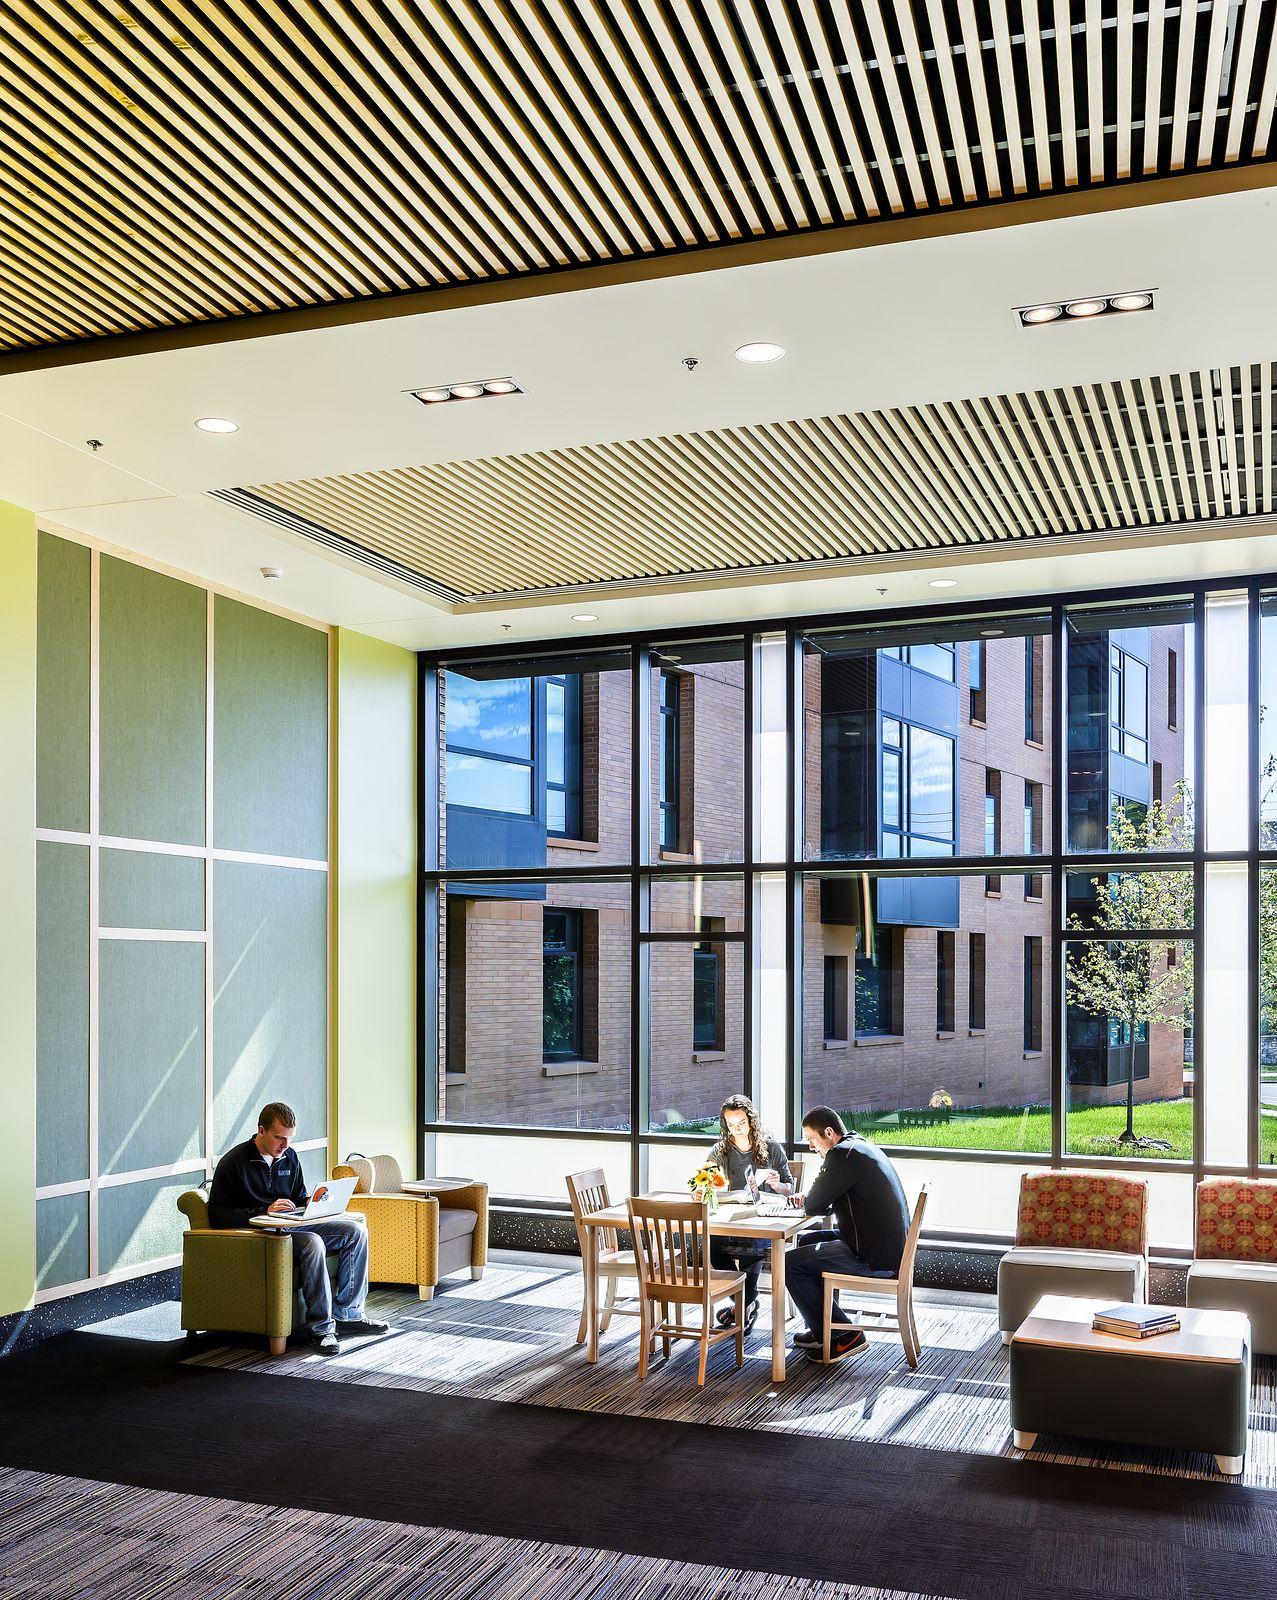 University Of Wisconsin Oshkosh Horizon Village New Residence Hall Study Lounge And Comm Concept Architecture Facade Architecture Architecture Elevation